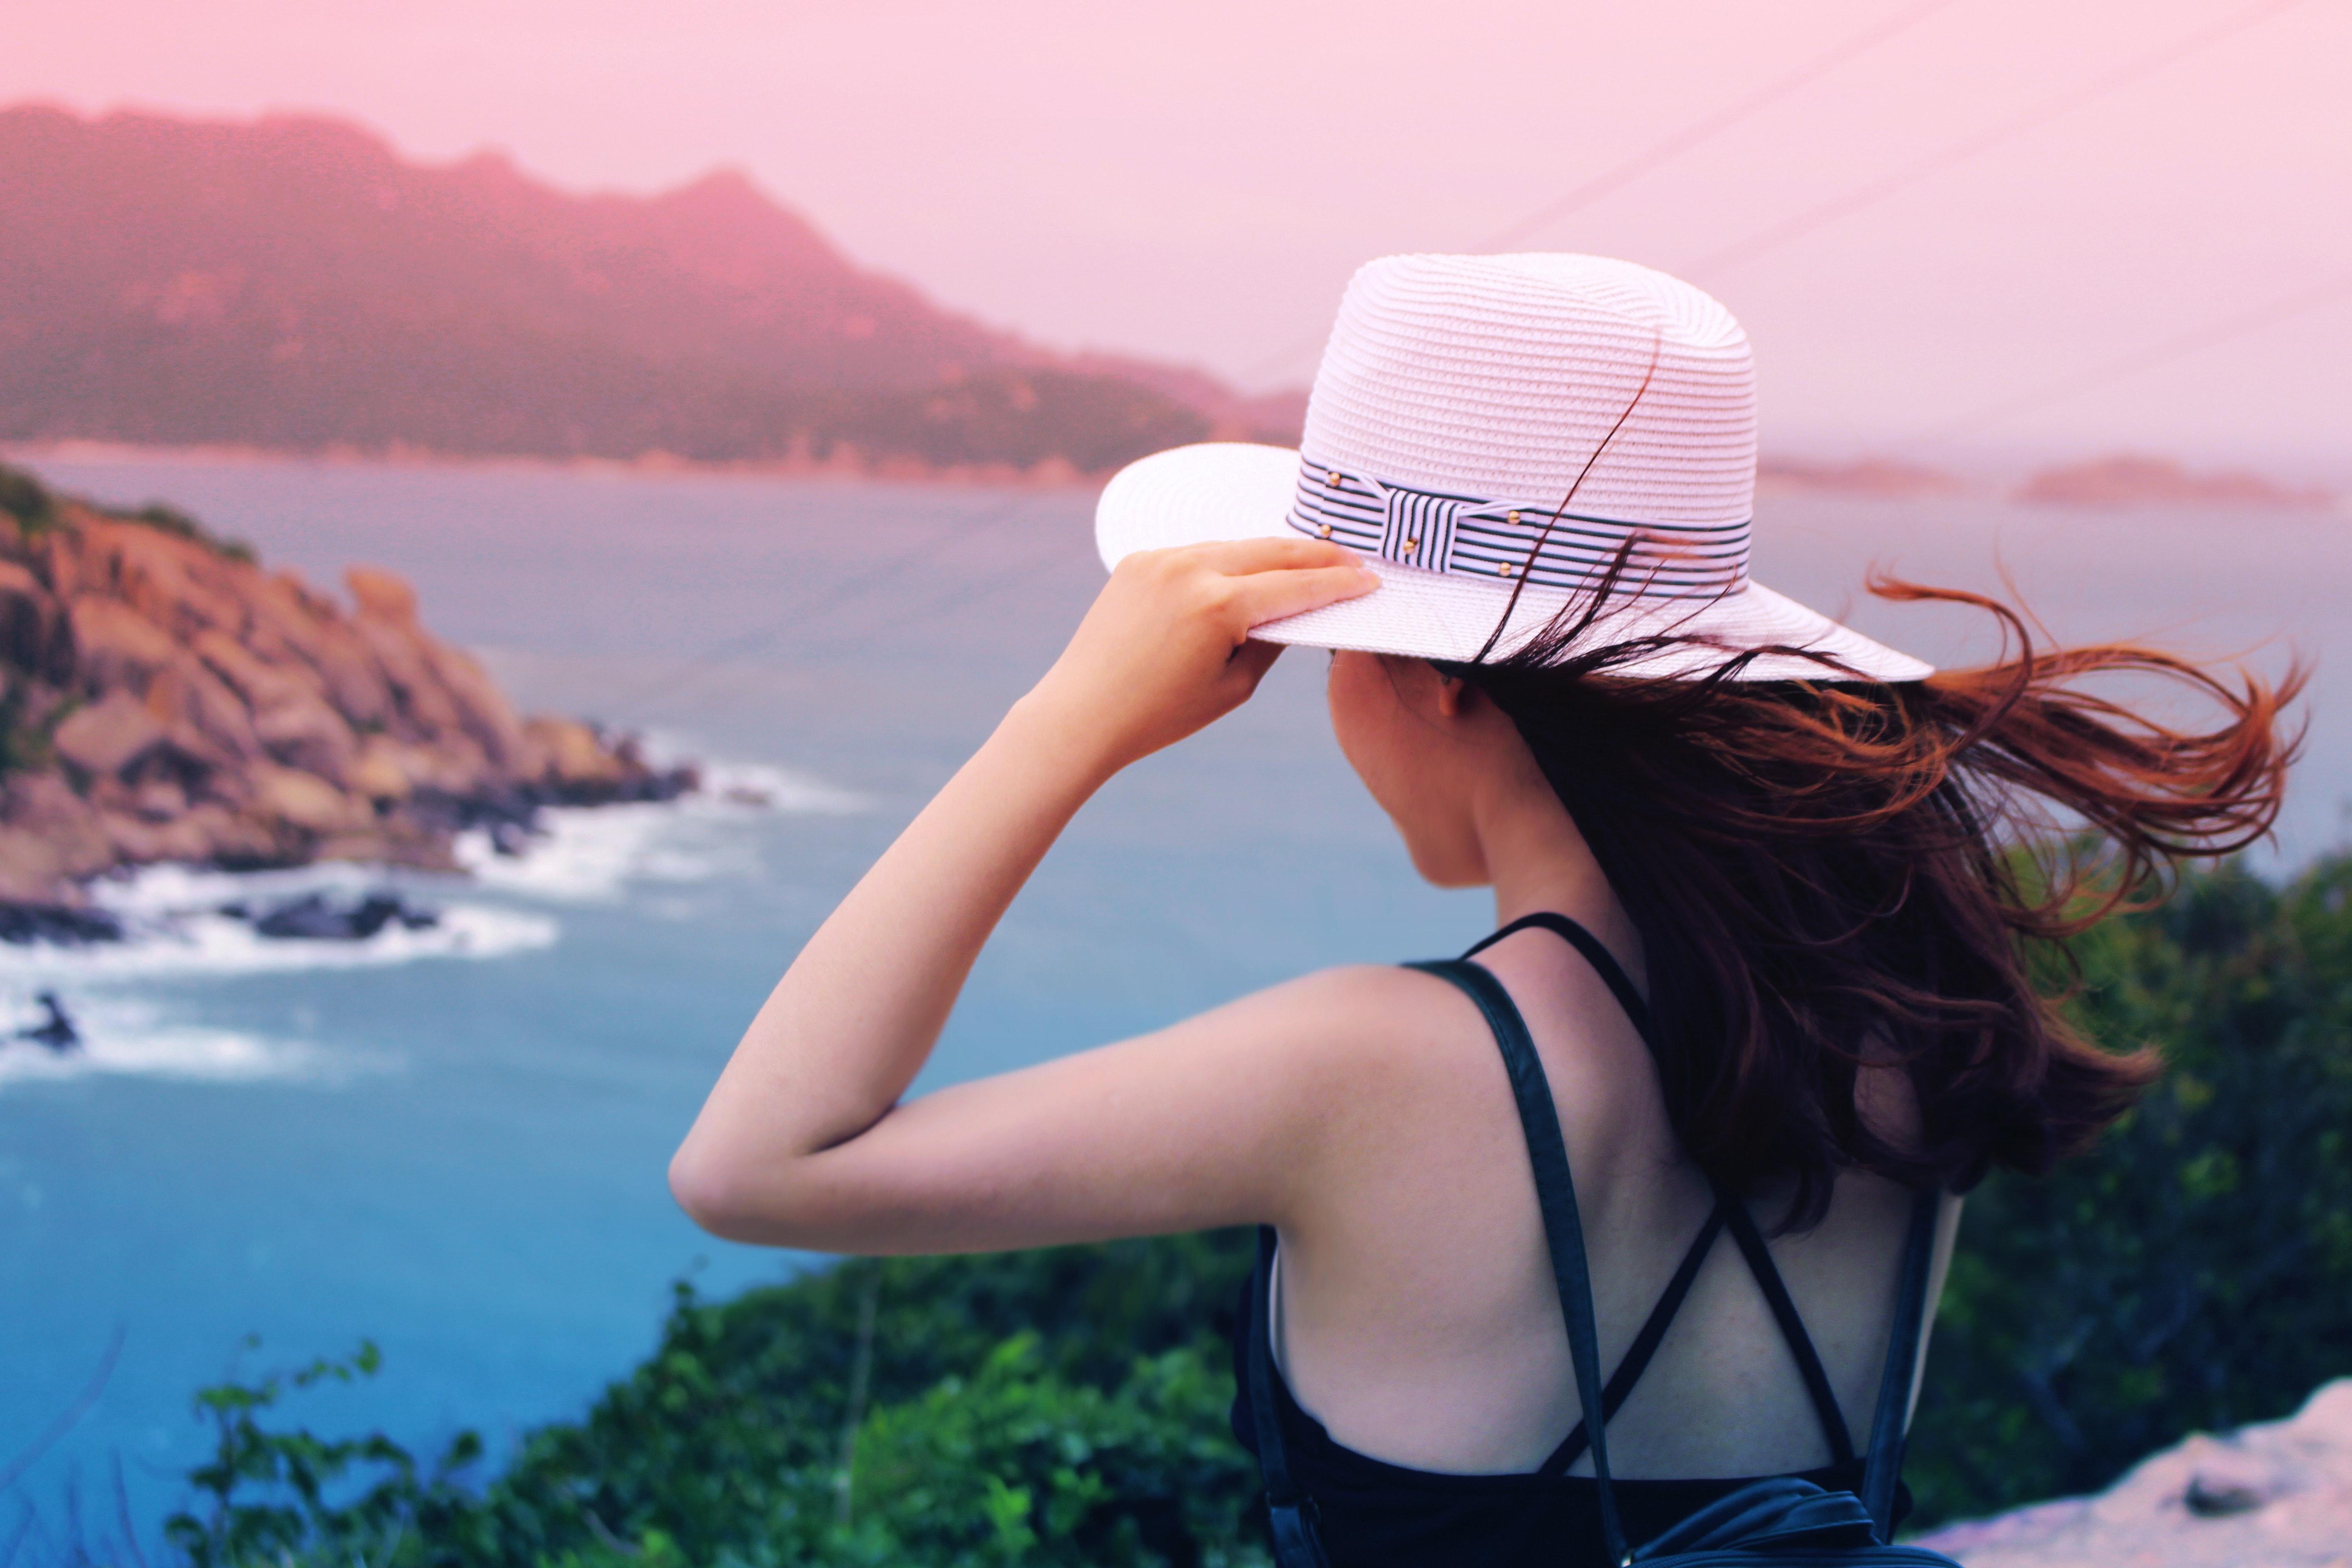 Wman Holding Wricker Shade Hat on Ocean View, Beach, Coast, Ocean, Outdoors, HQ Photo